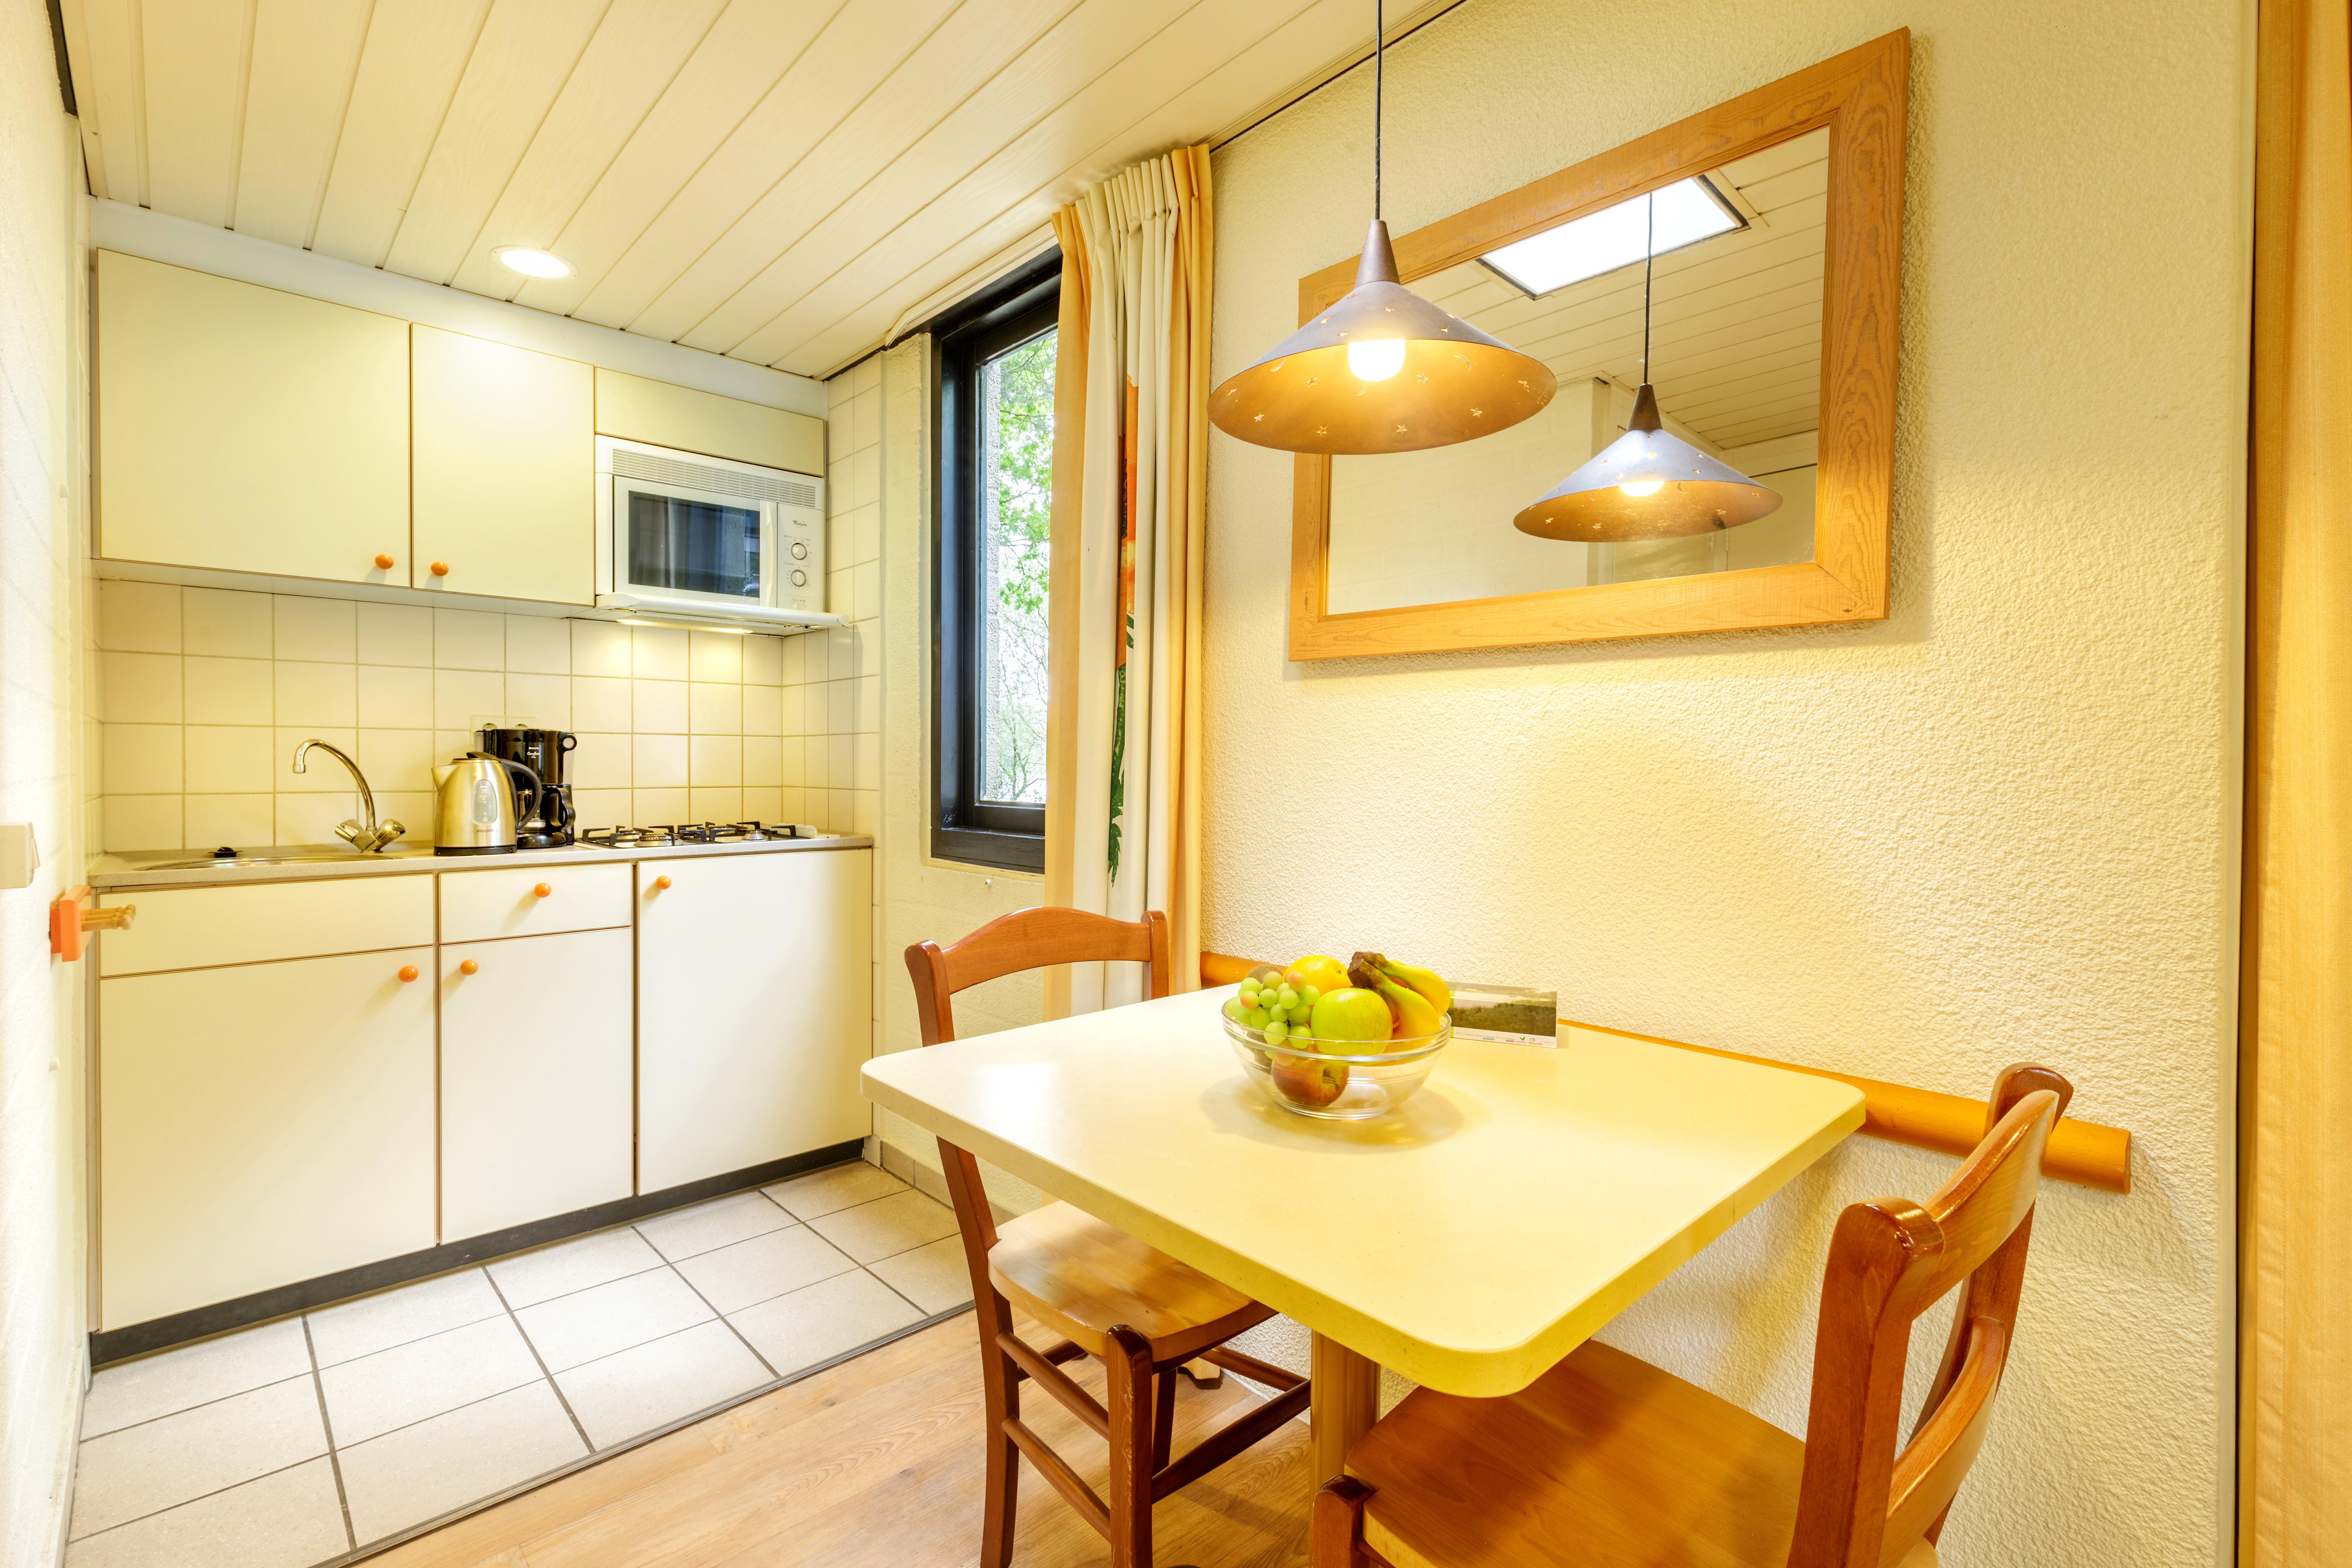 Ferienhaus Center Parcs De Huttenheugte - cottage Comfort 2 persons (2639181), Dalen (NL), , Drenthe, Niederlande, Bild 5